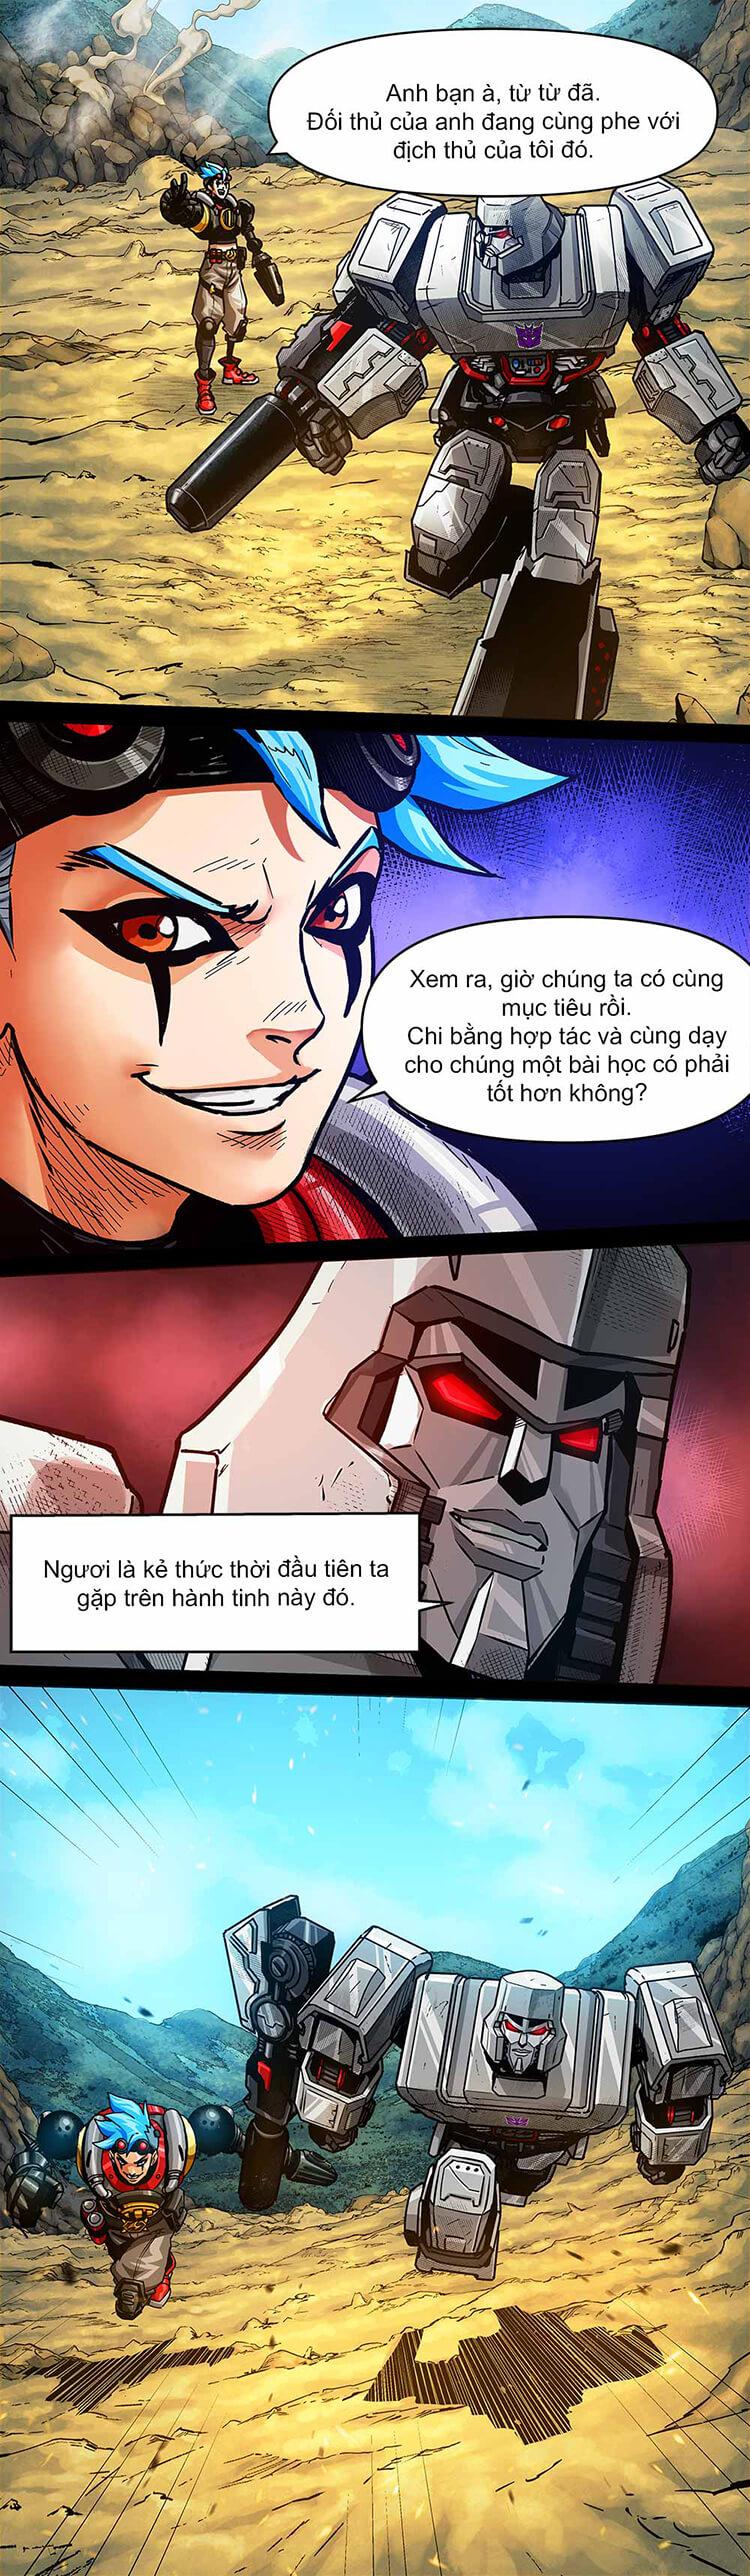 Comic MLBB: Lãng khách đến từ Cybertron - Trang 13